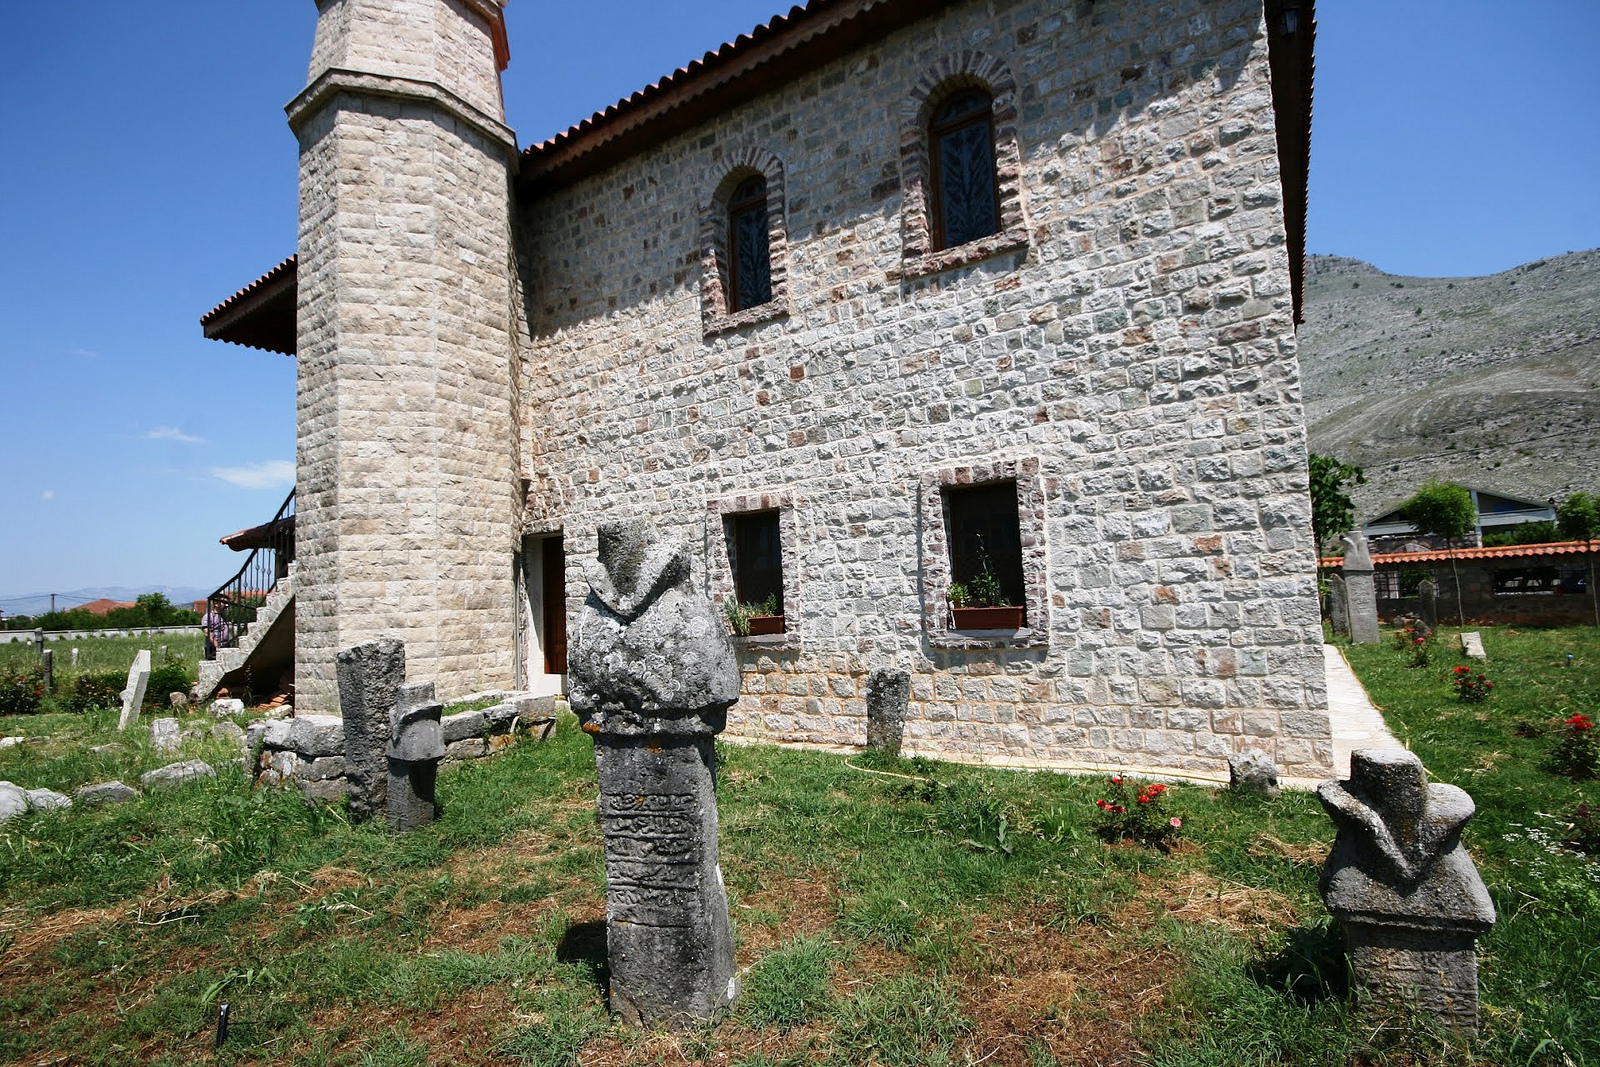 osmanli-karadag